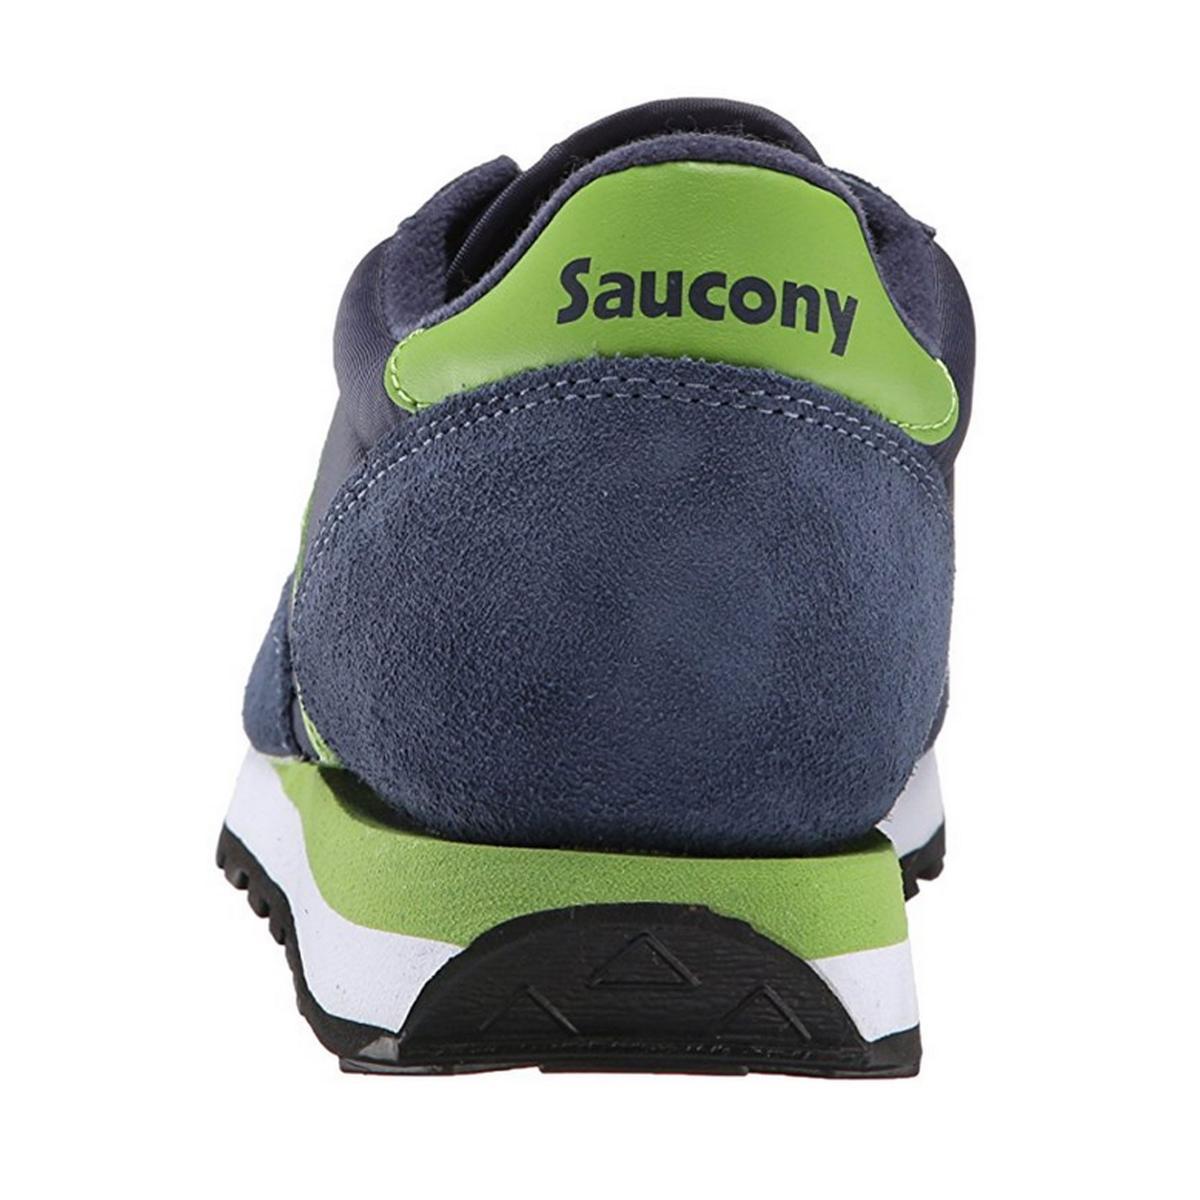 Scarpe Saucony Jazz O' - Uomo Rif. S2044-336 www.montorostore.it